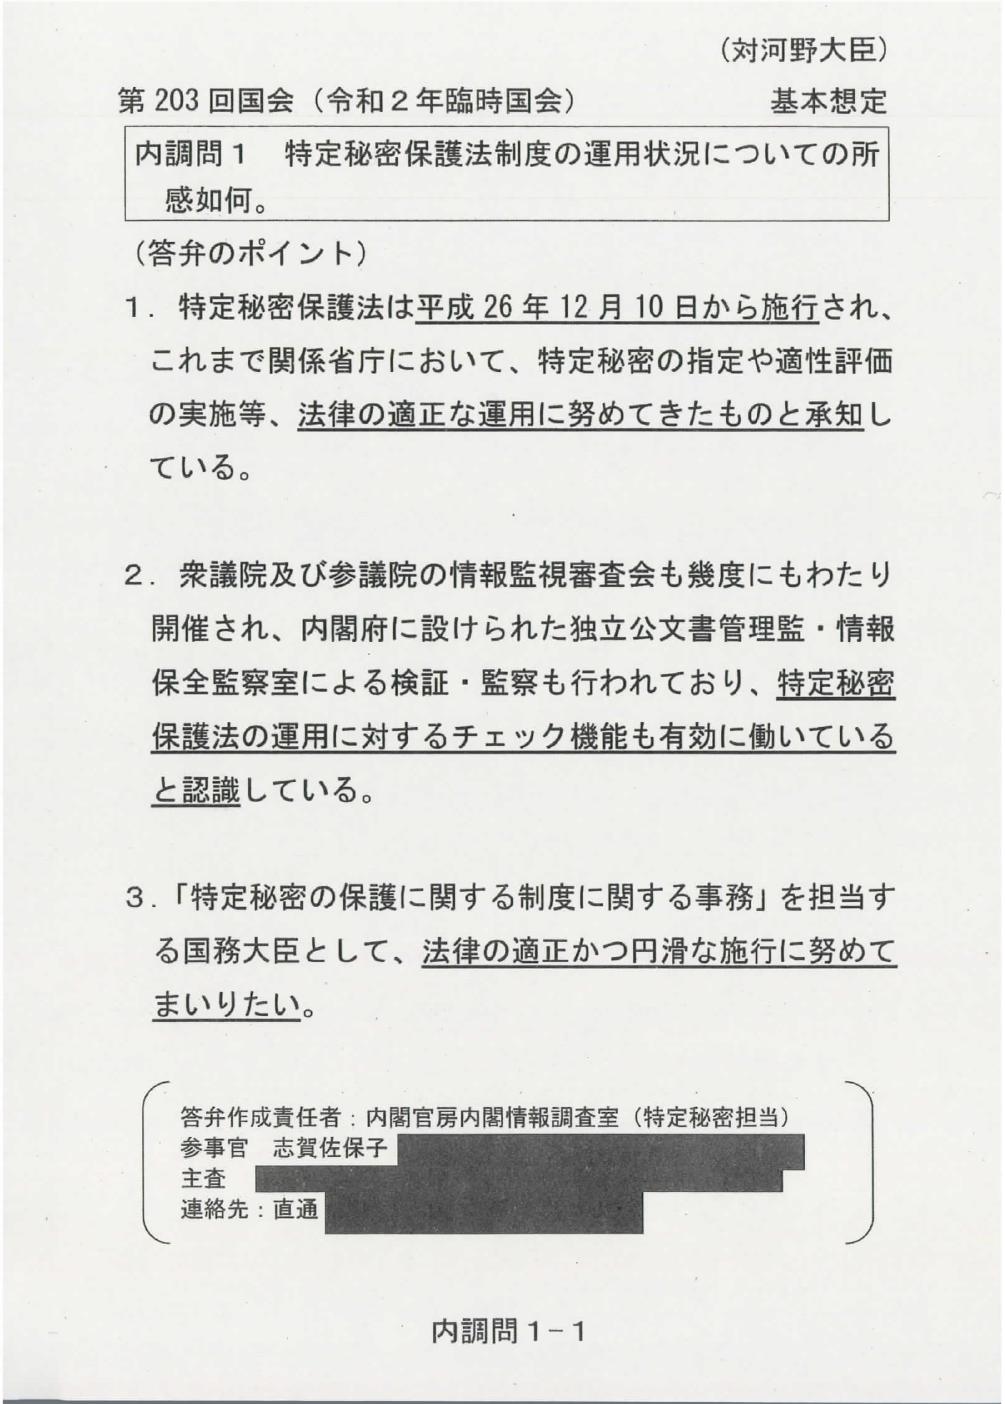 【絨毯爆撃シリーズ】内閣情報調査室の国会対応